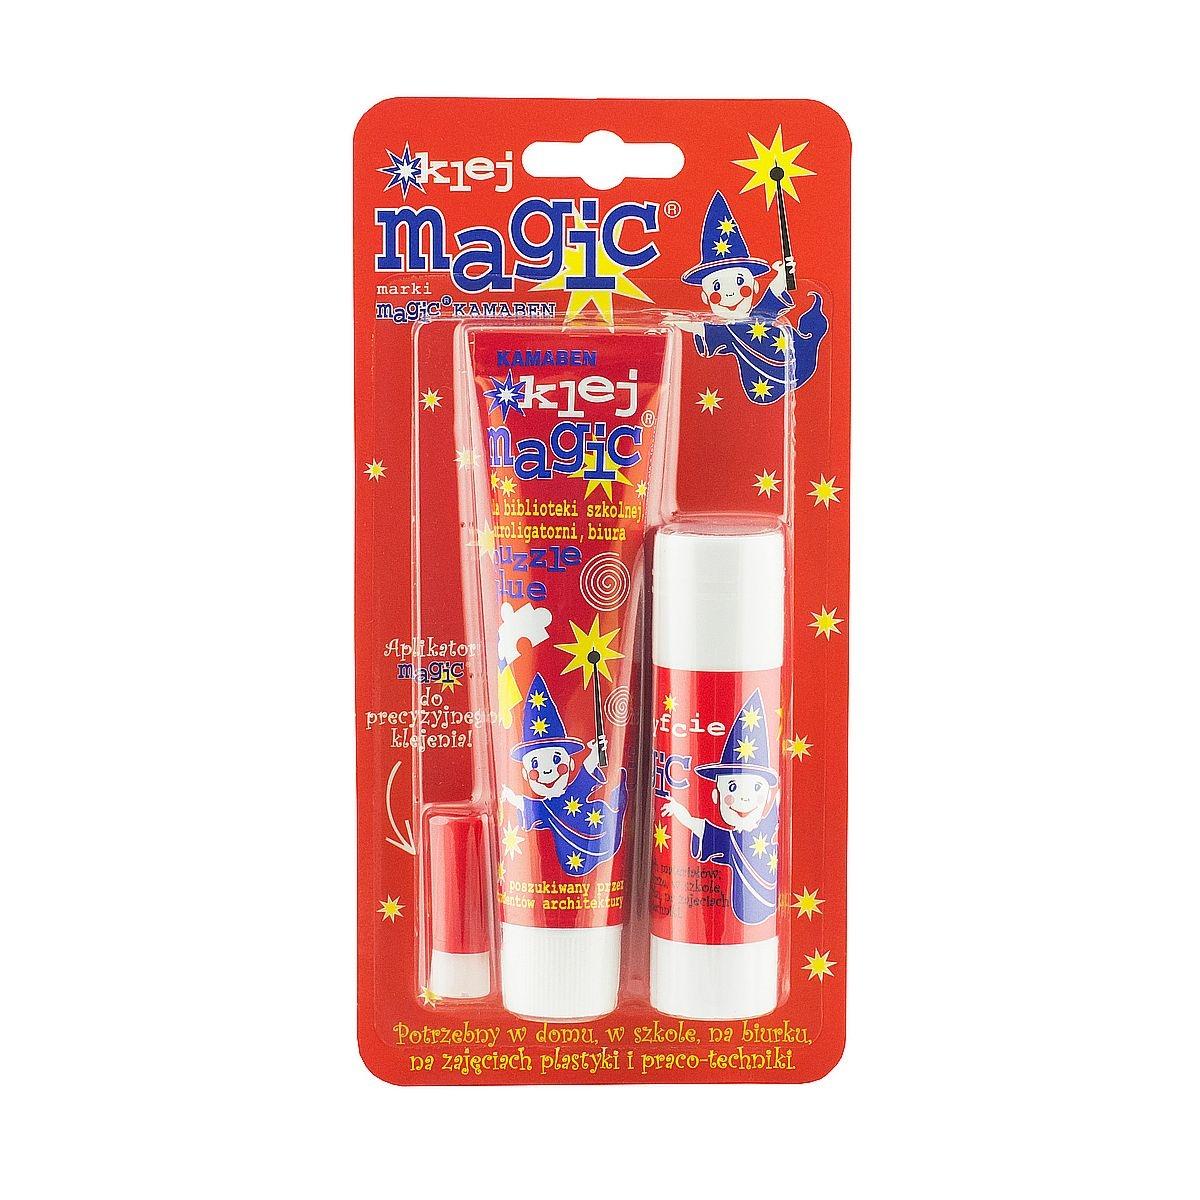 Klej Magic, tubka + sztyft, 2 szt. (318376)